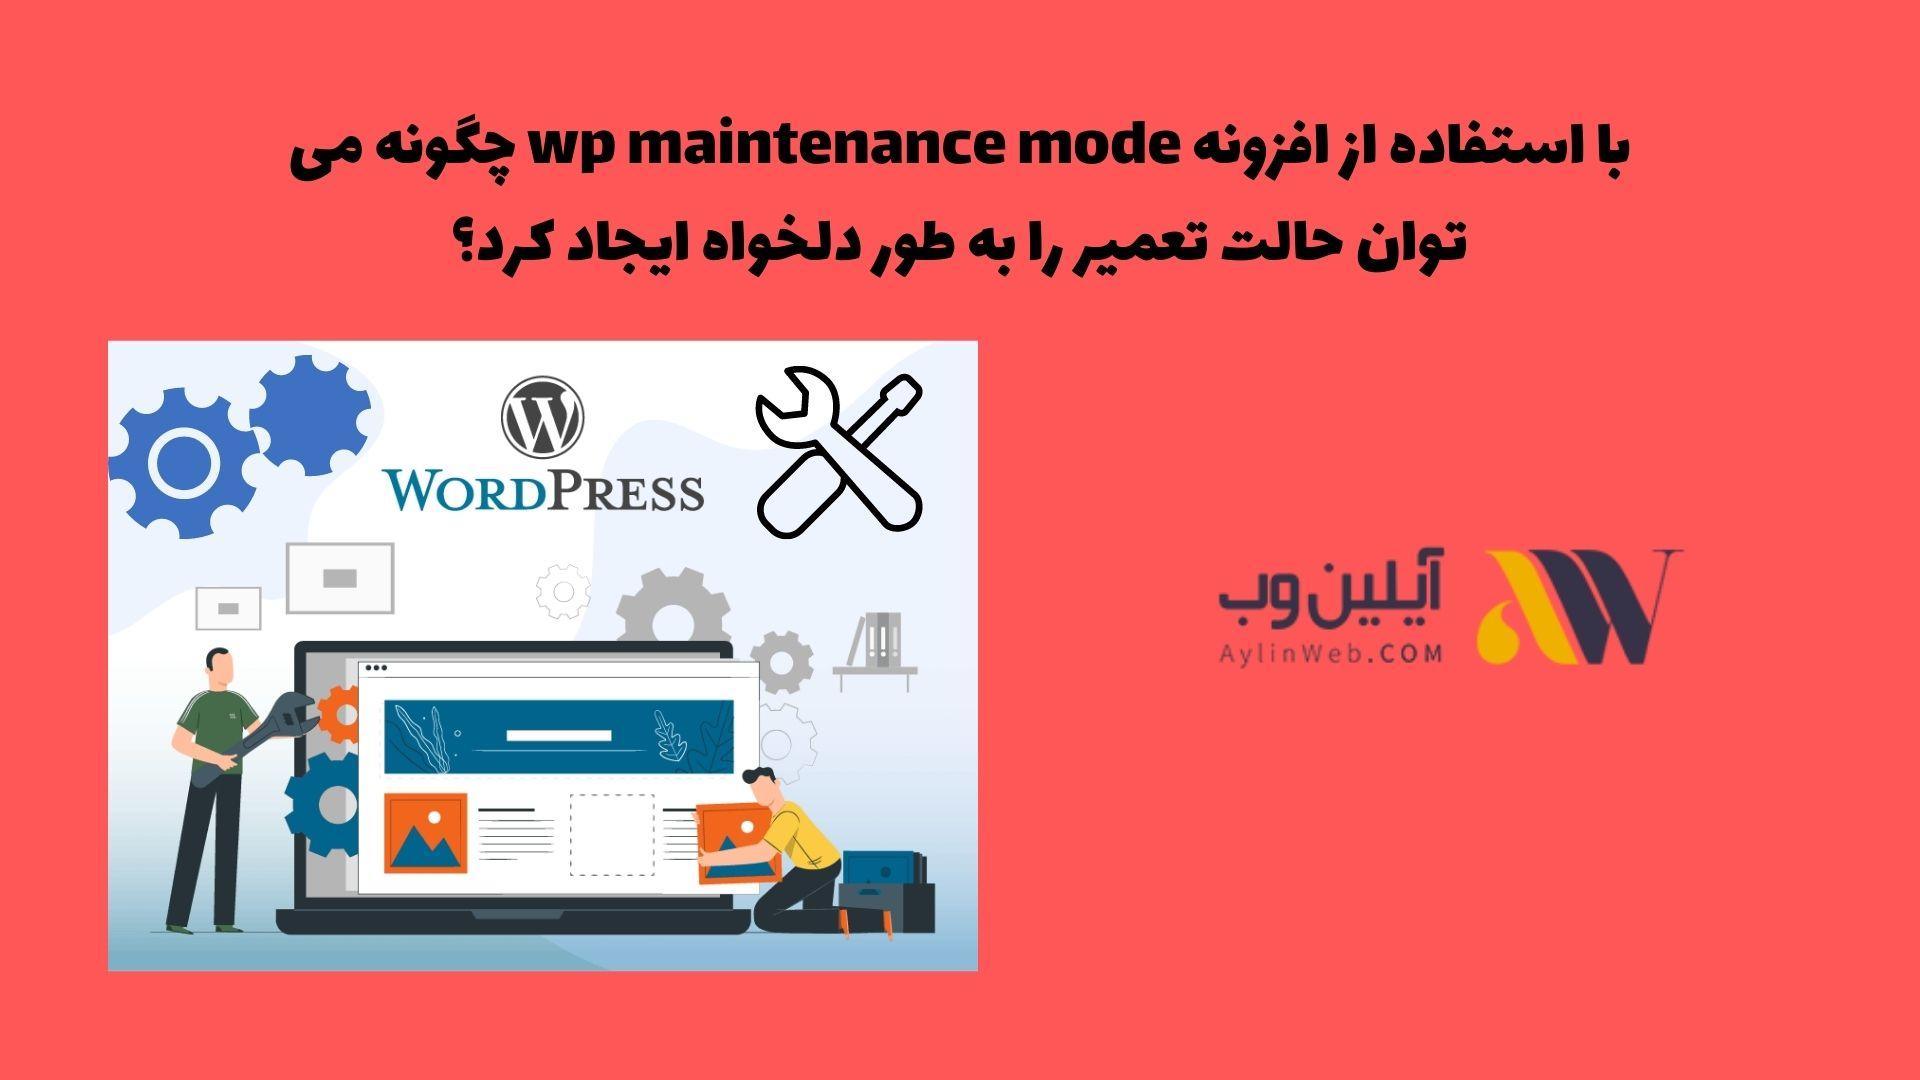 با استفاده از افزونه wp maintenance mode چگونه می توان حالت تعمیر را به طور دلخواه ایجاد کرد؟